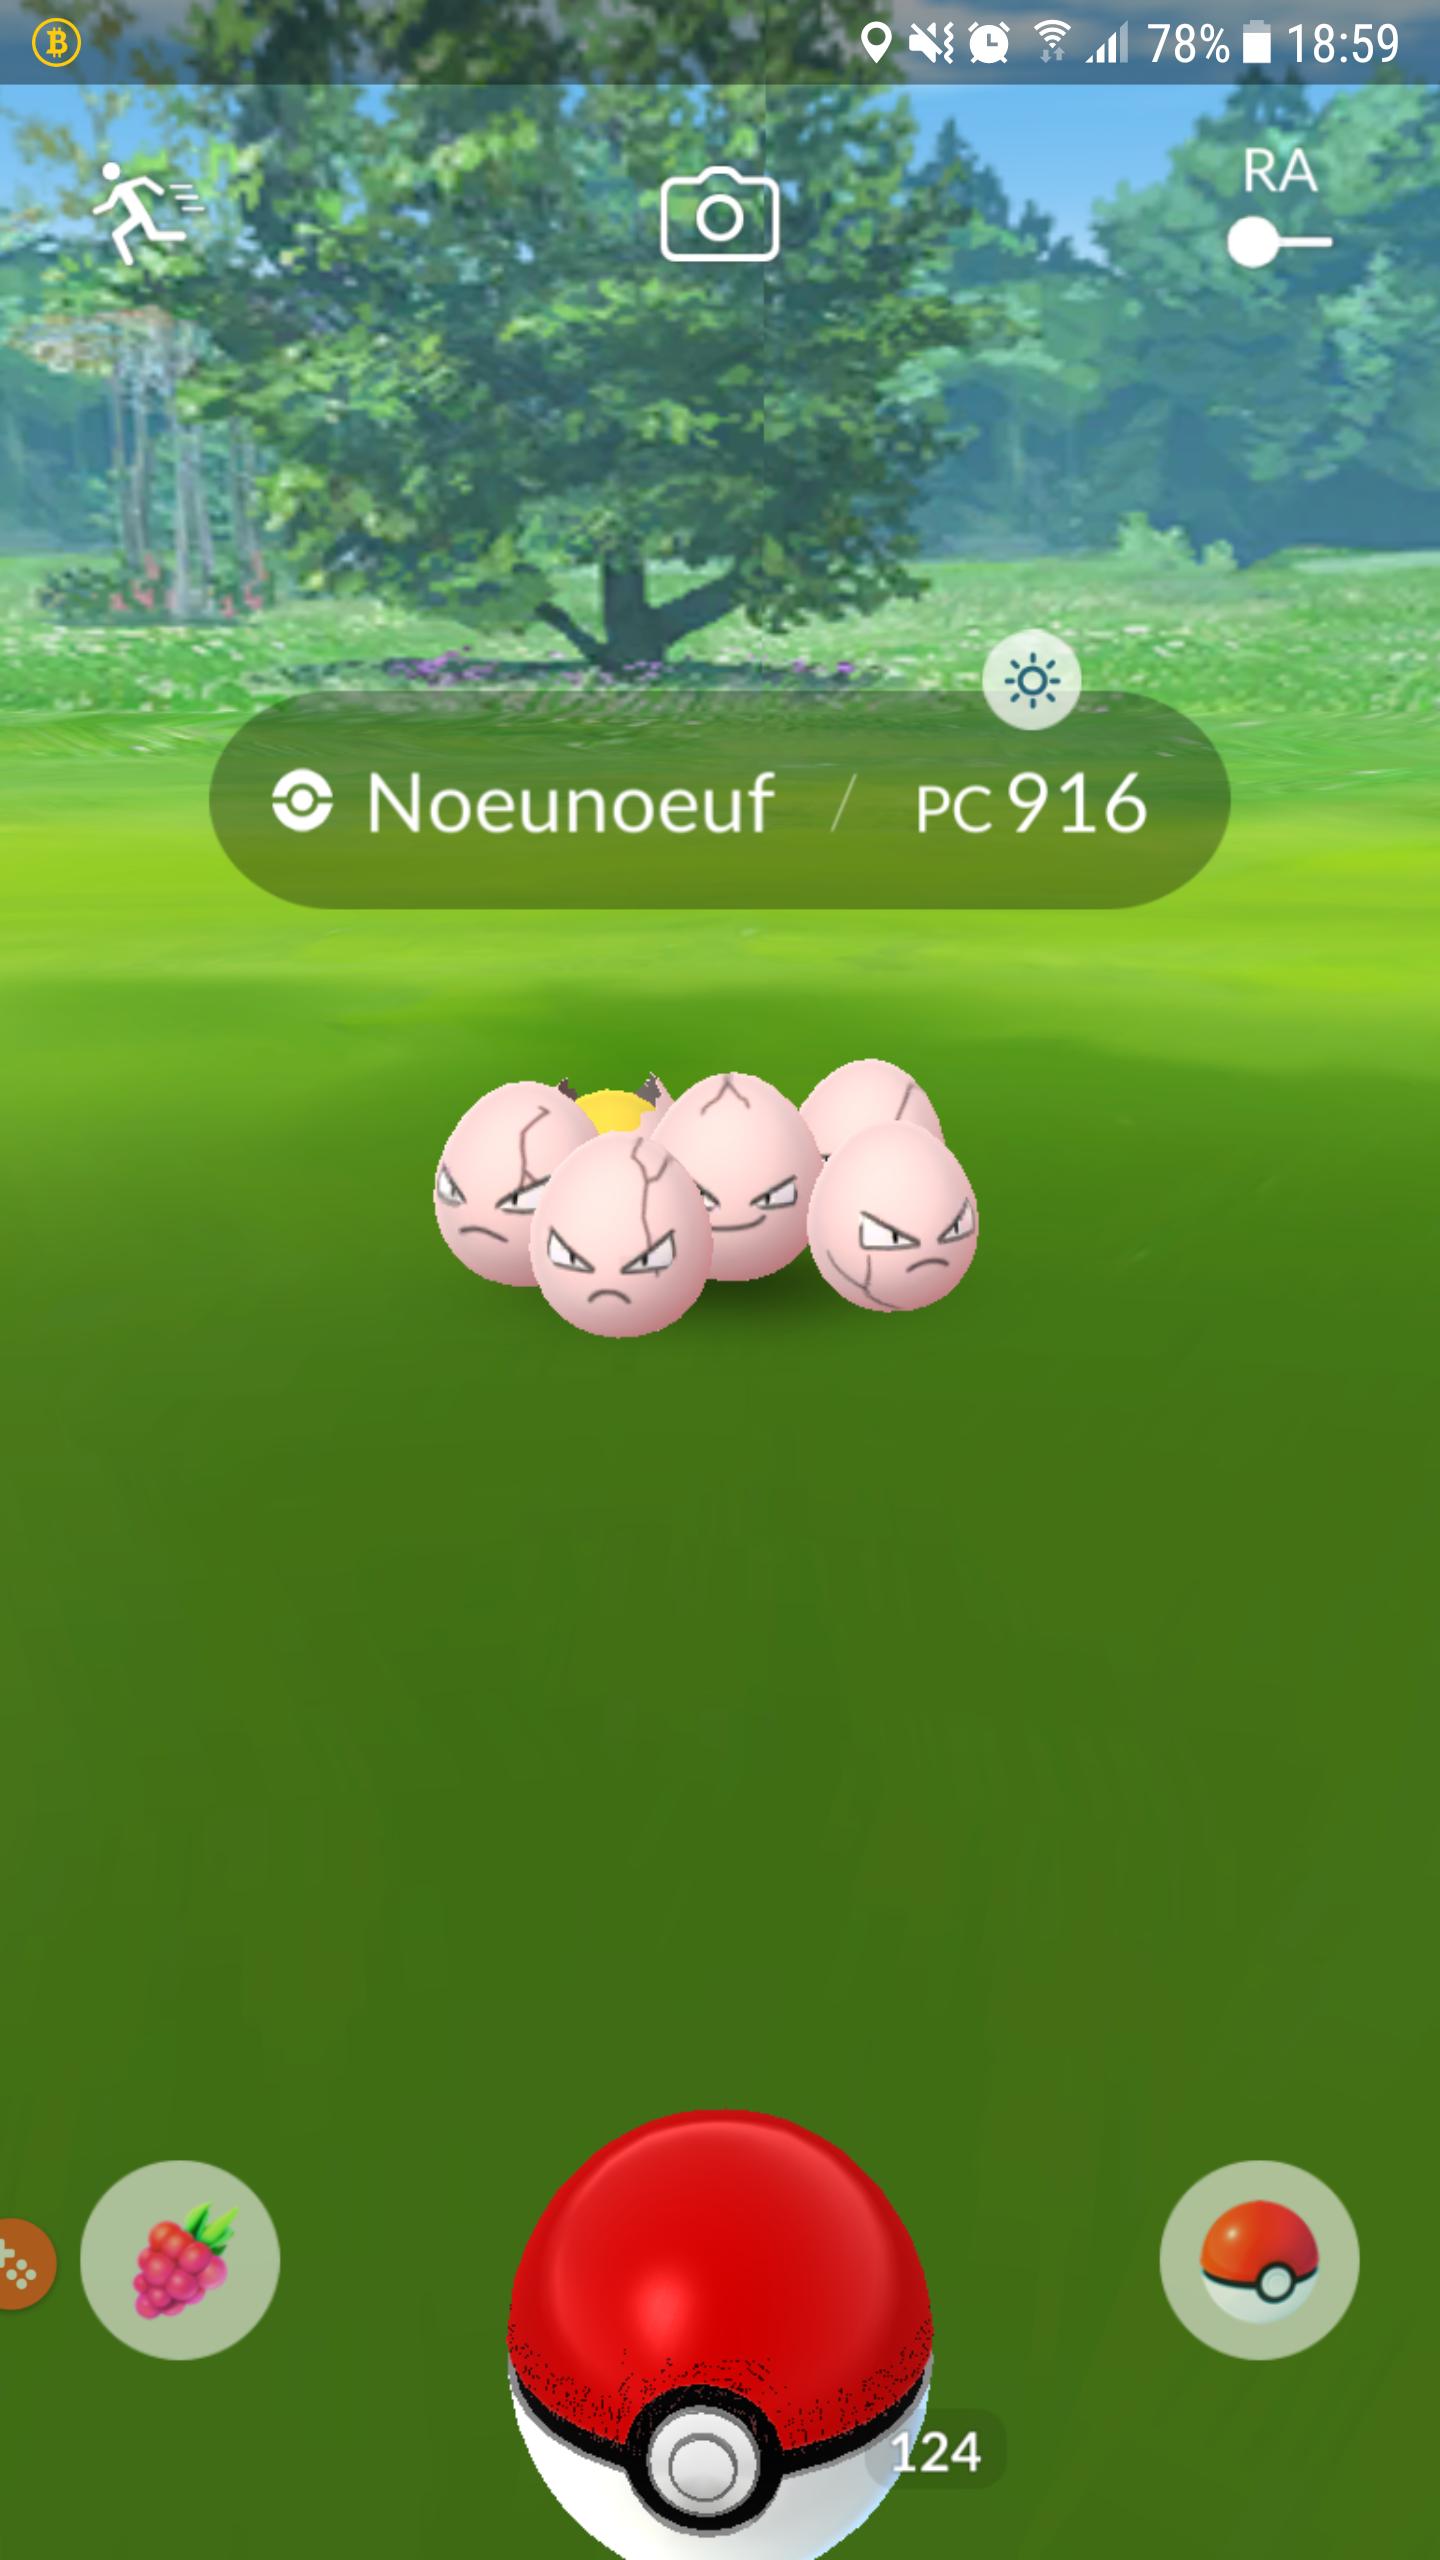 Pokémon Go - Noeunoeuf - Pc 916